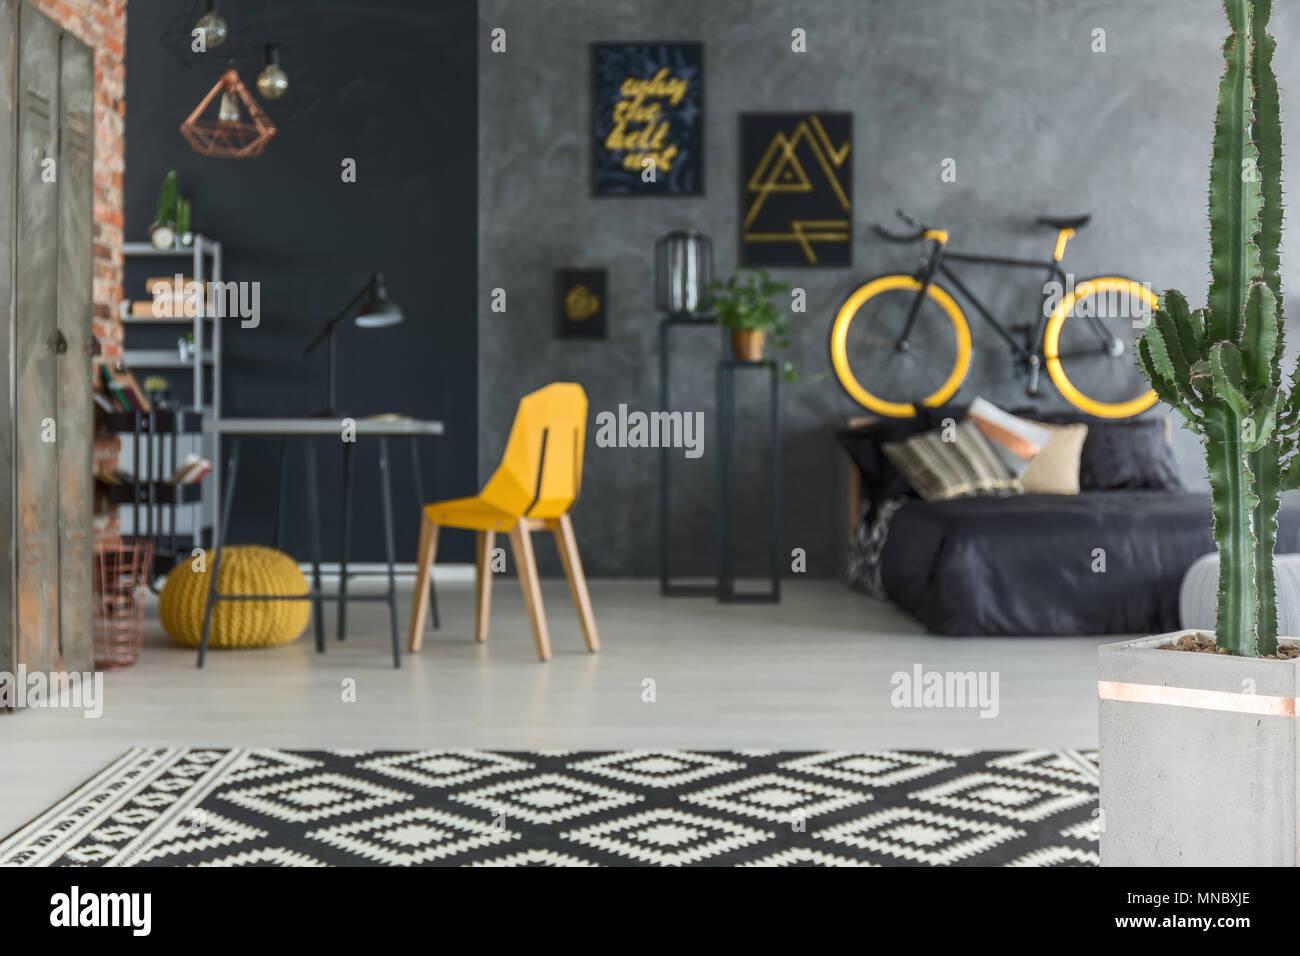 Gris hipster habitación con cama, bicicleta, amarillo silla y escritorio Imagen De Stock